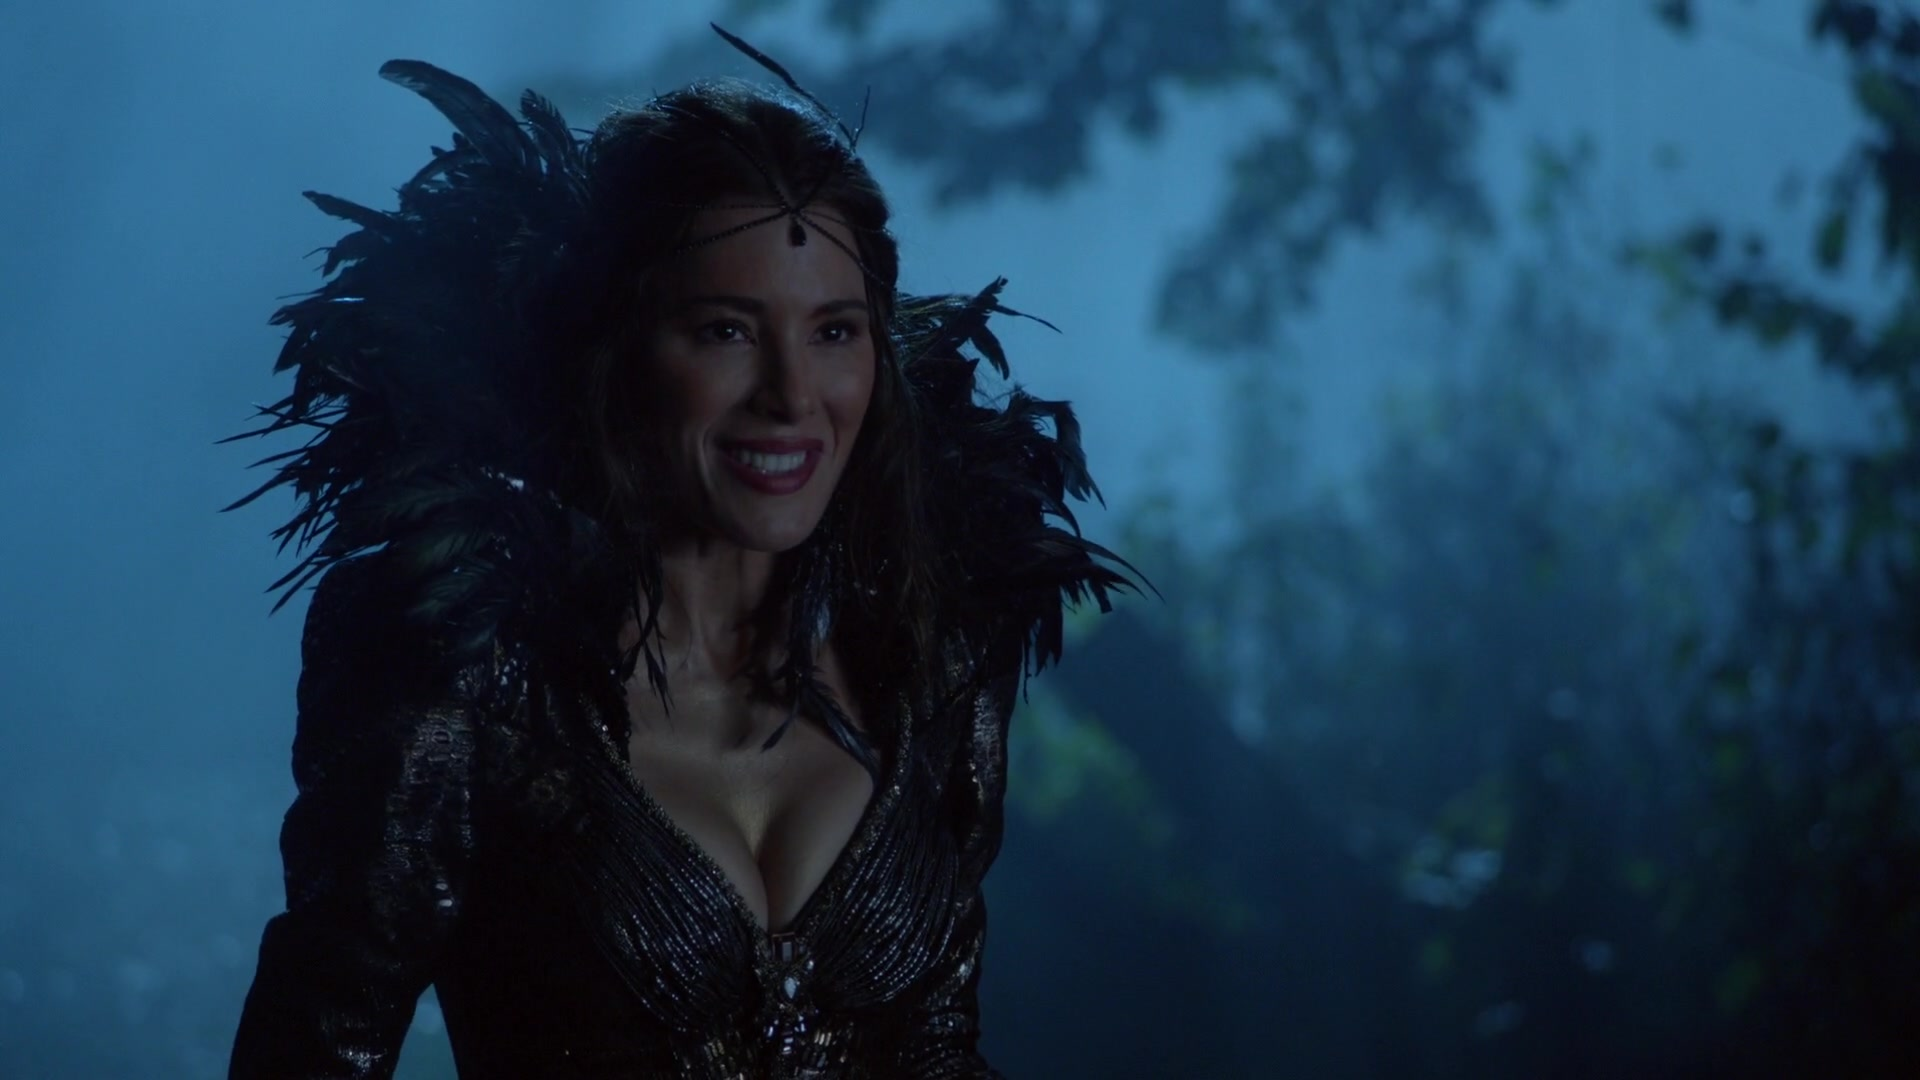 Rumpelstiltskin kills Black Fairy